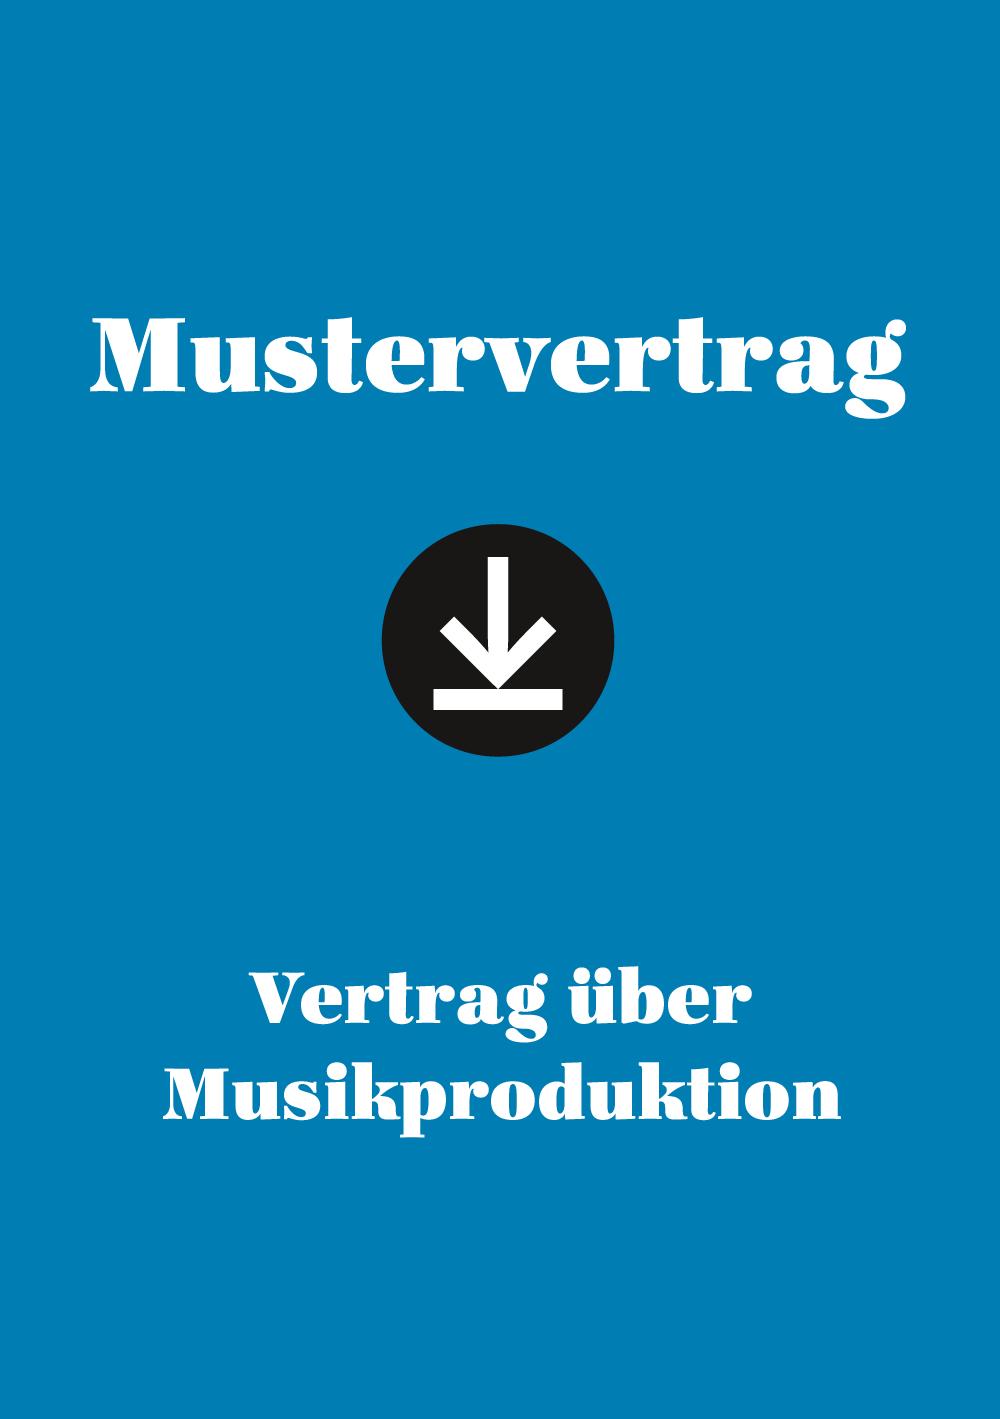 Produkt: Mustervertrag: Vertrag über Musikproduktion